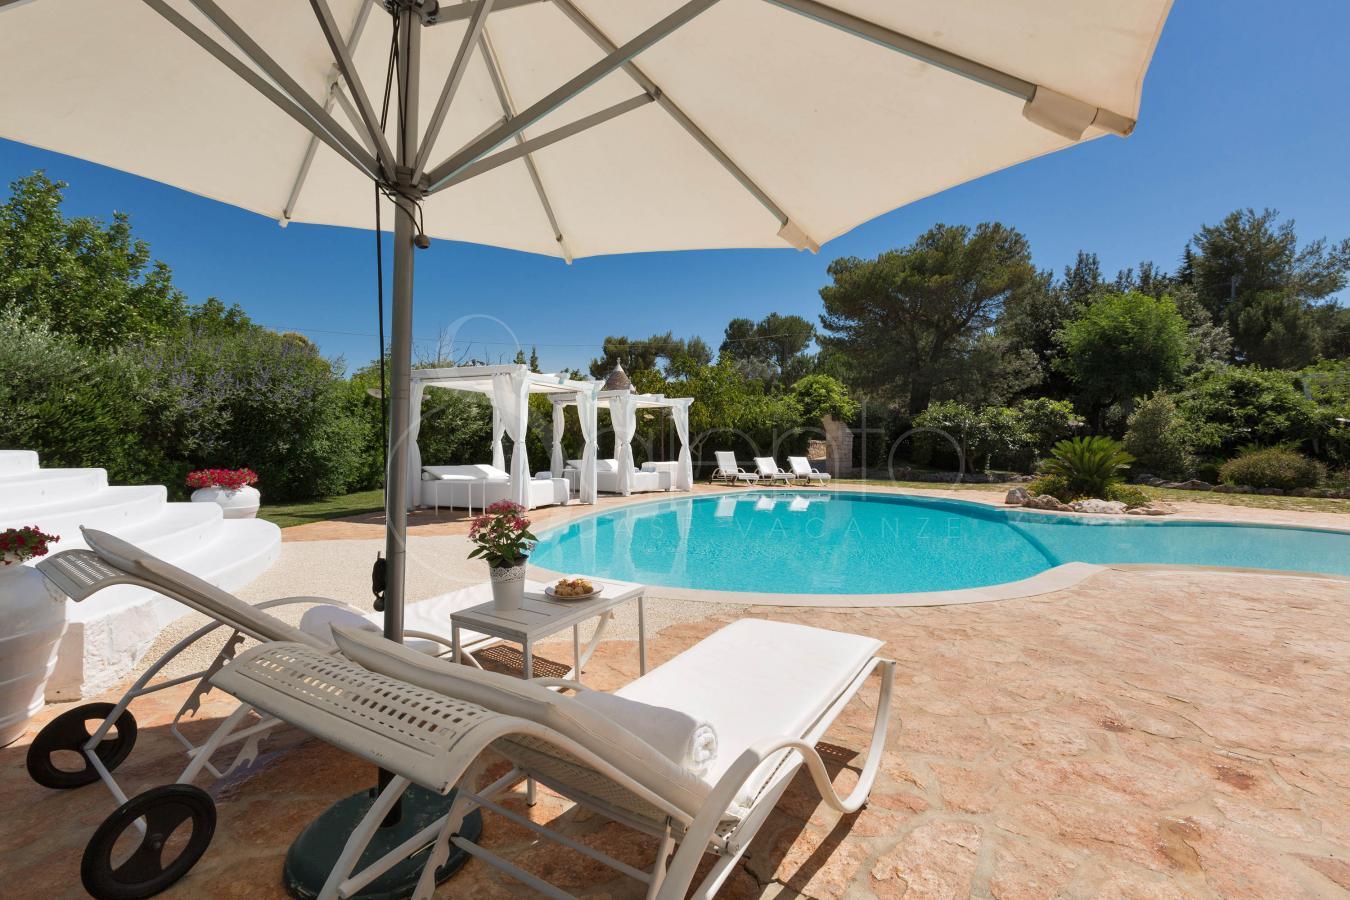 Trullo per vacanze in complesso con piscina e - Piscina francavilla fontana ...